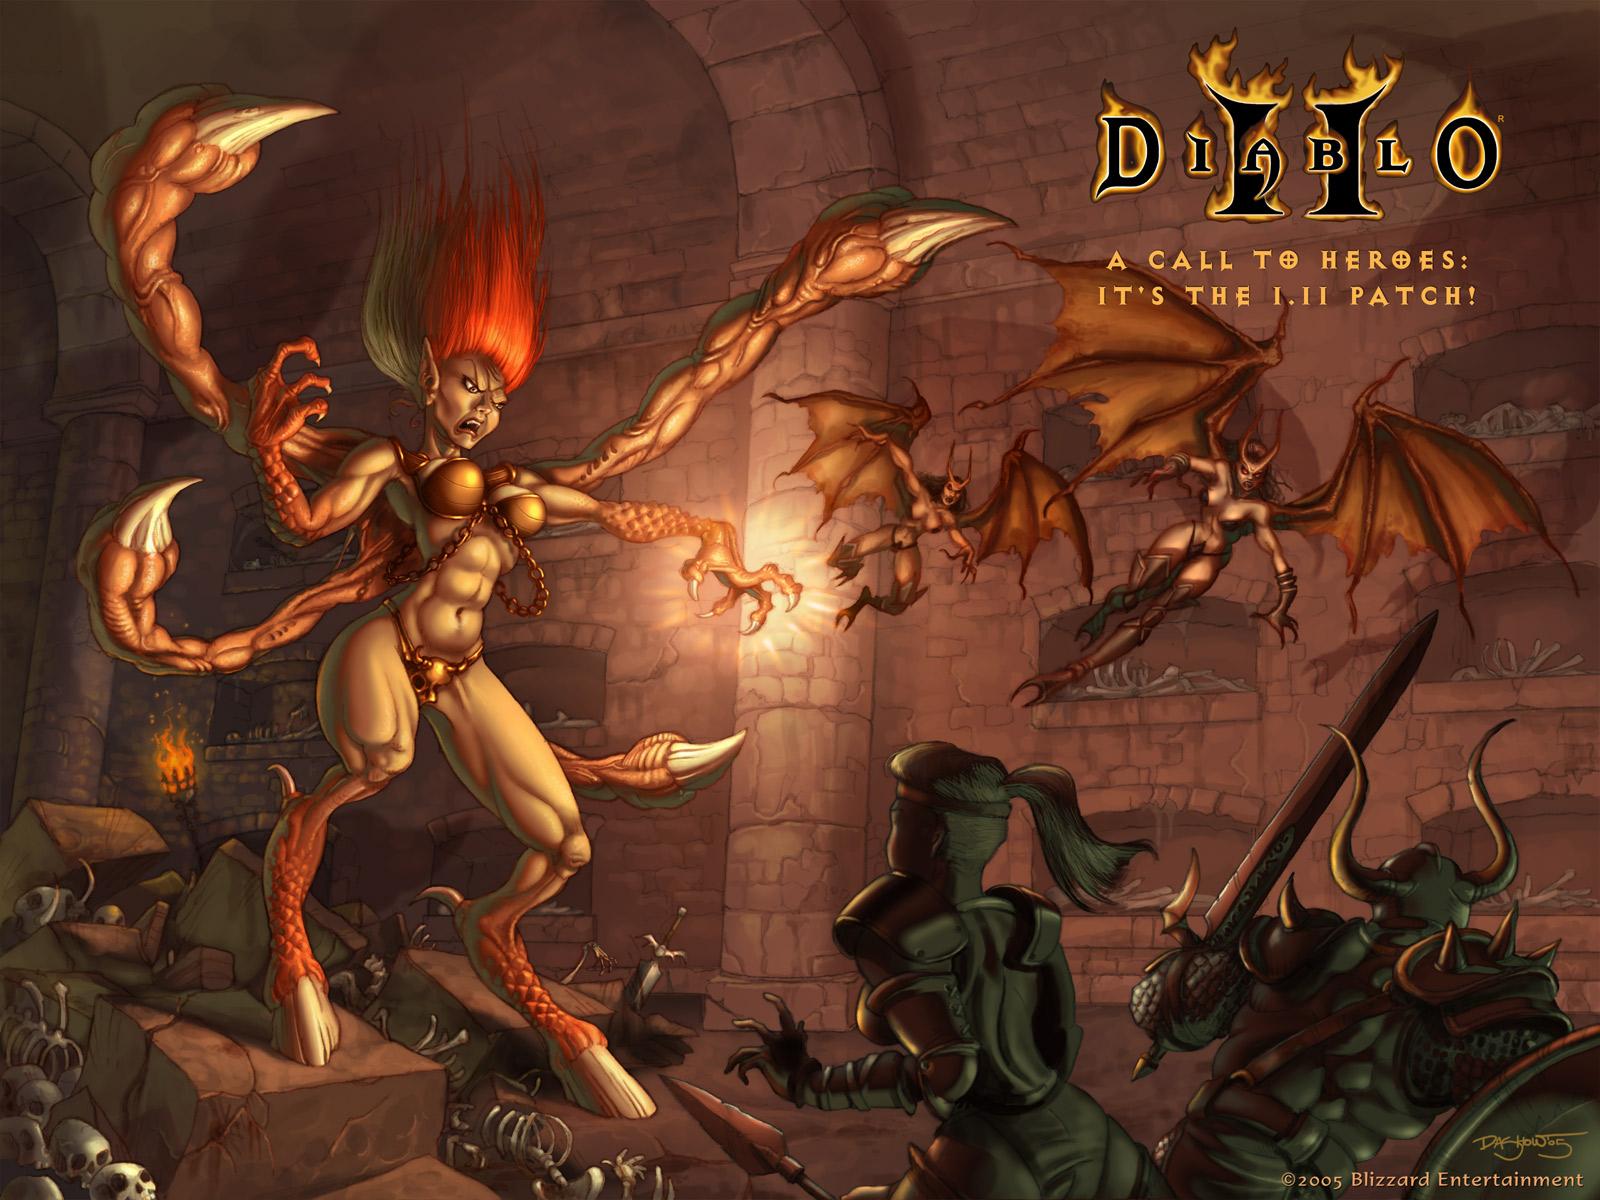 Free Download Diablo Ii Hd Wallpaper 16 1600 X 1200 Stmednet